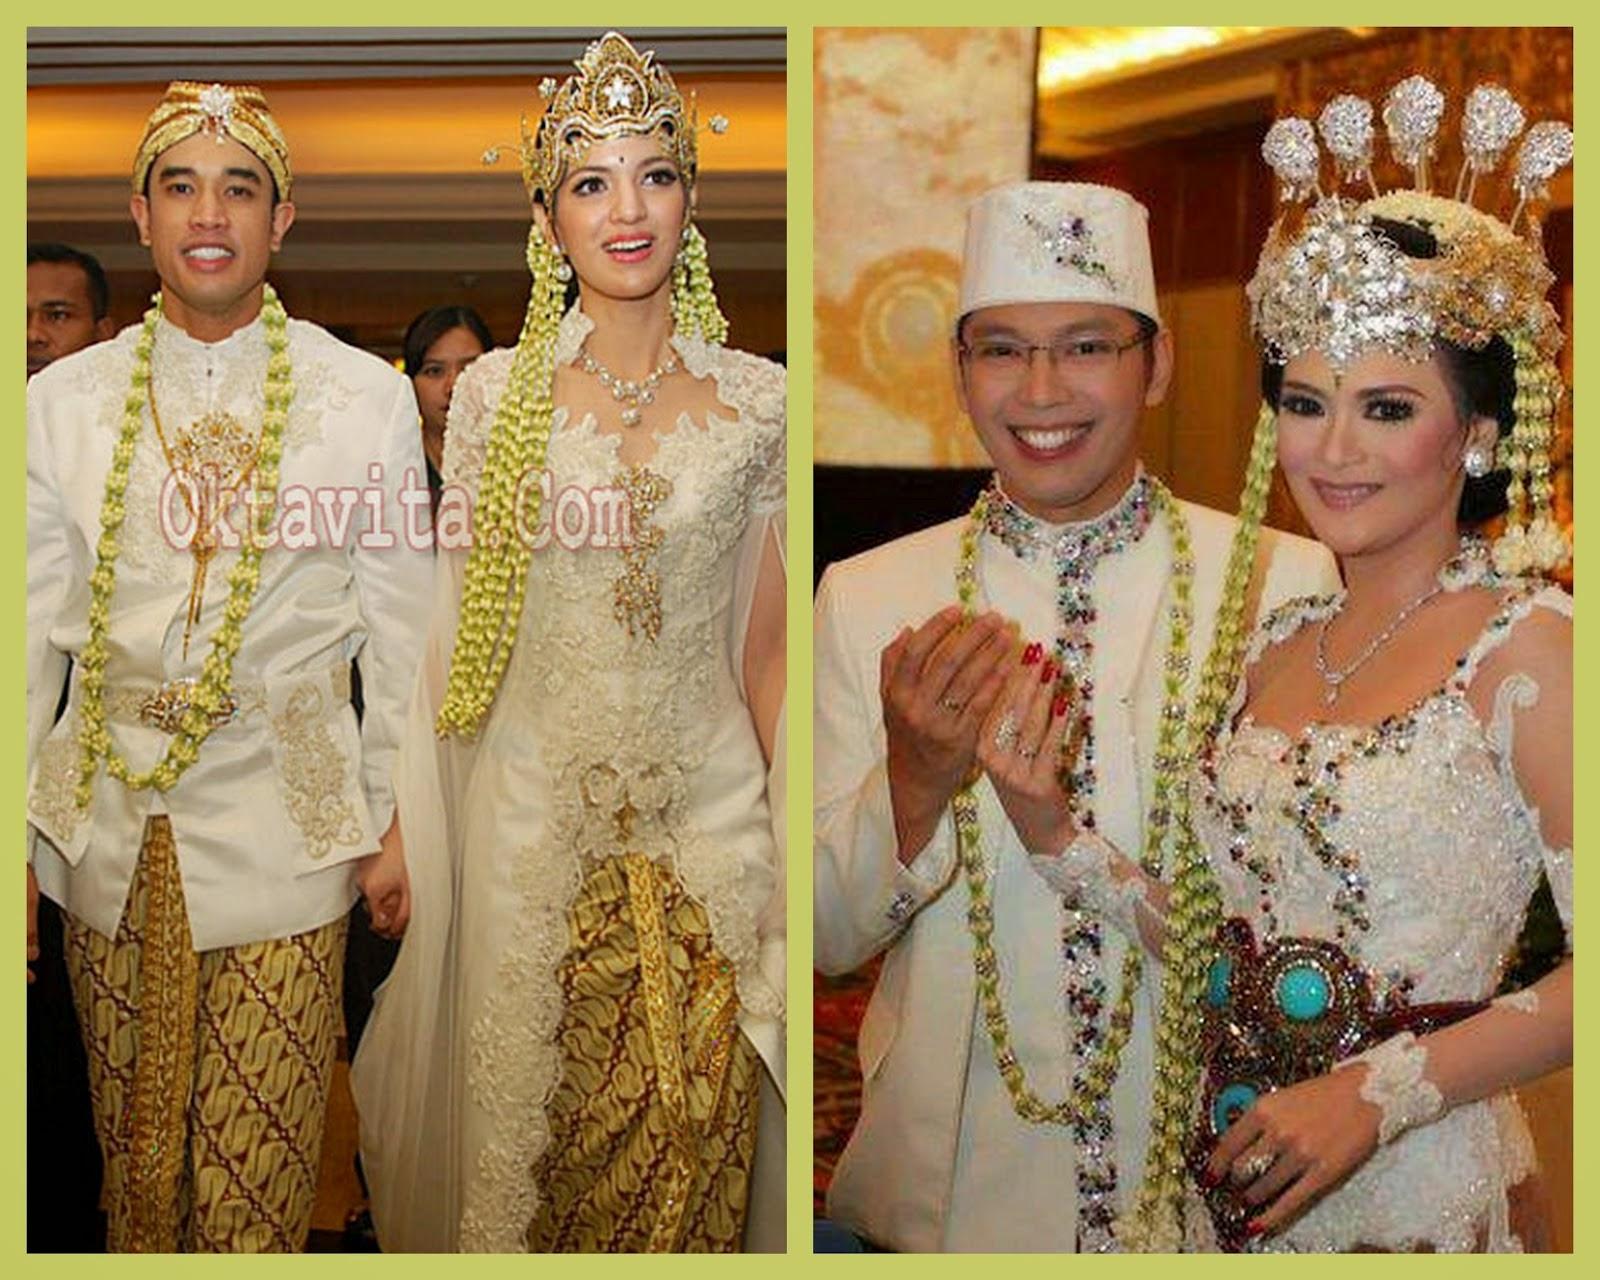 Kumpulan Foto Model Baju Kebaya Adat Sunda Trend Baju Kebaya 2017 pengantinmuslimah Gaun Pengantin